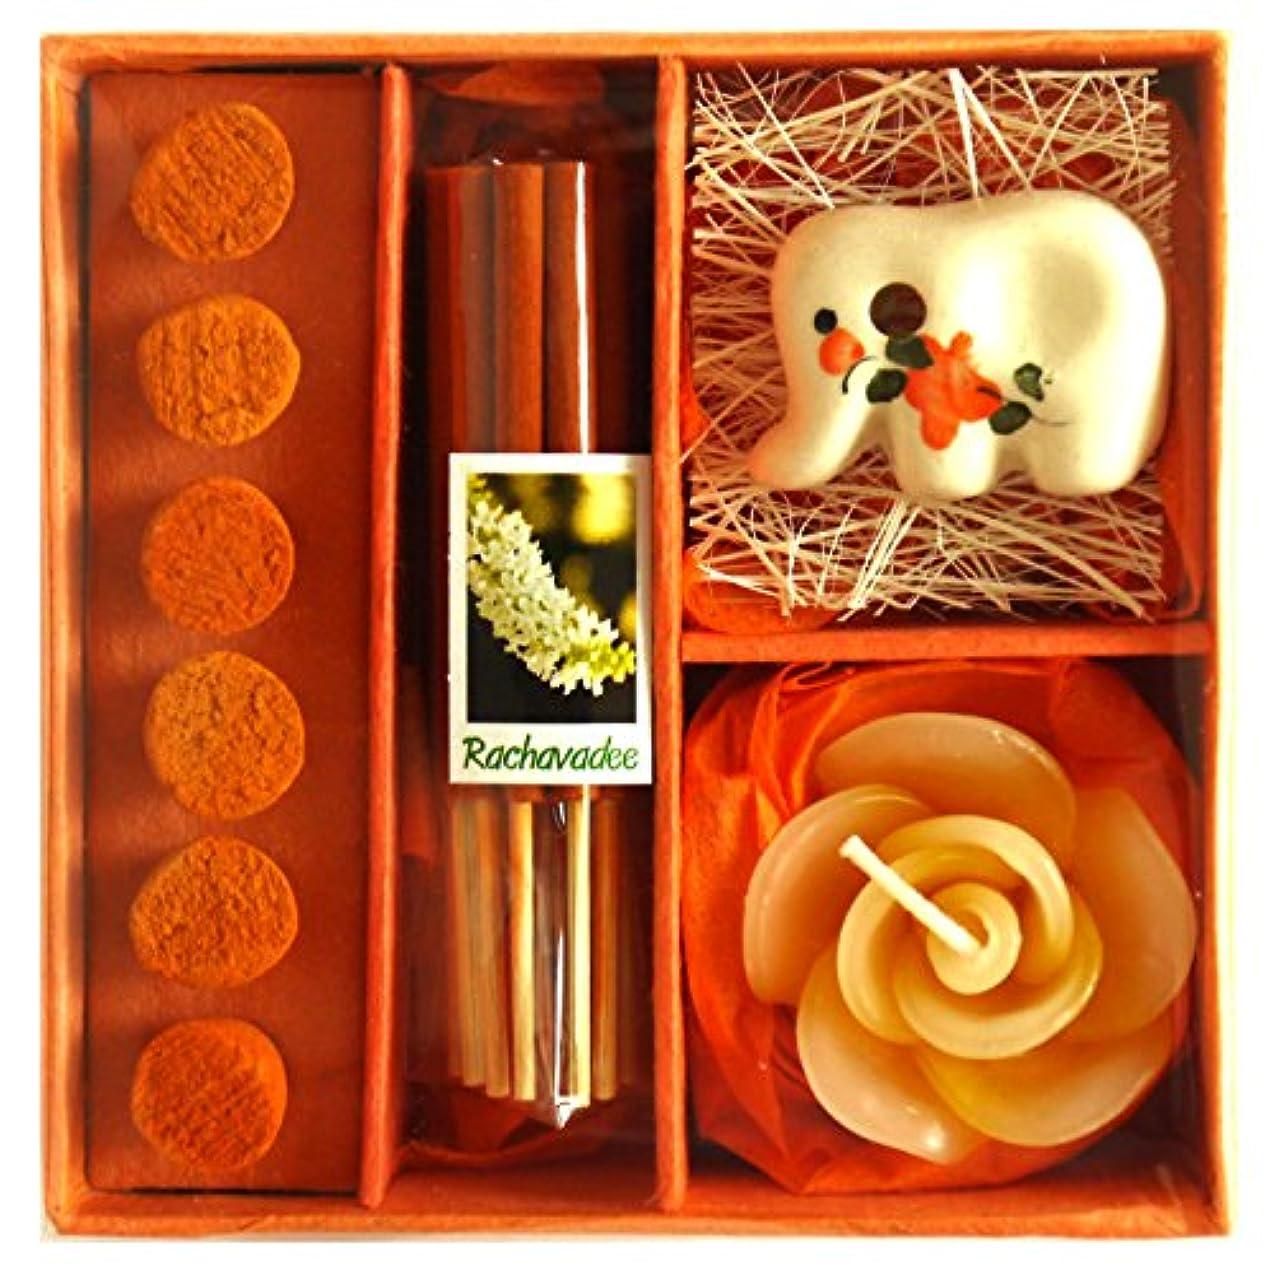 シールド願望障害者アロマギフトBOX 退職ギフト 色おまかせ 香りつきアロマキャンドル 2種類のお香 陶器製お香立ての入ったギフトセット サンキューシール付き